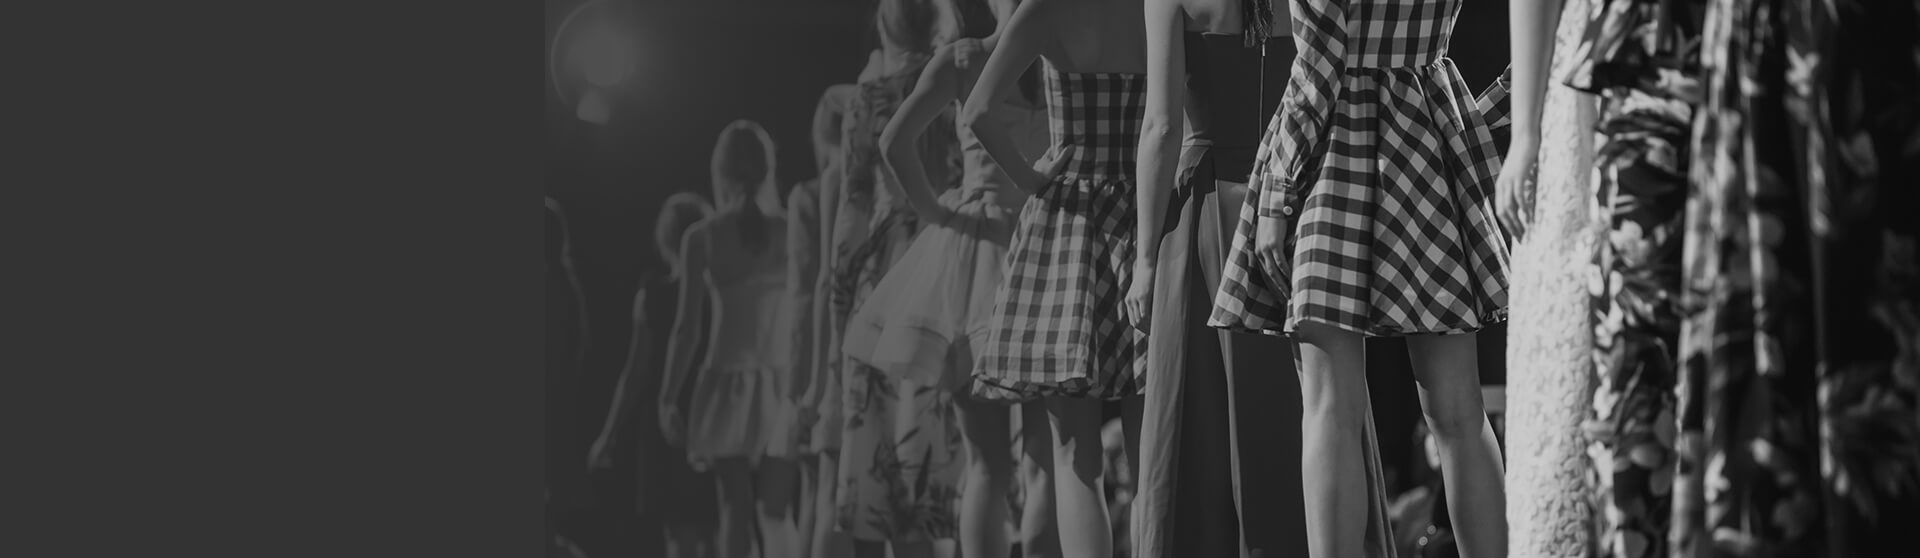 Digitale snijoplossingen voor de kledingindustrie